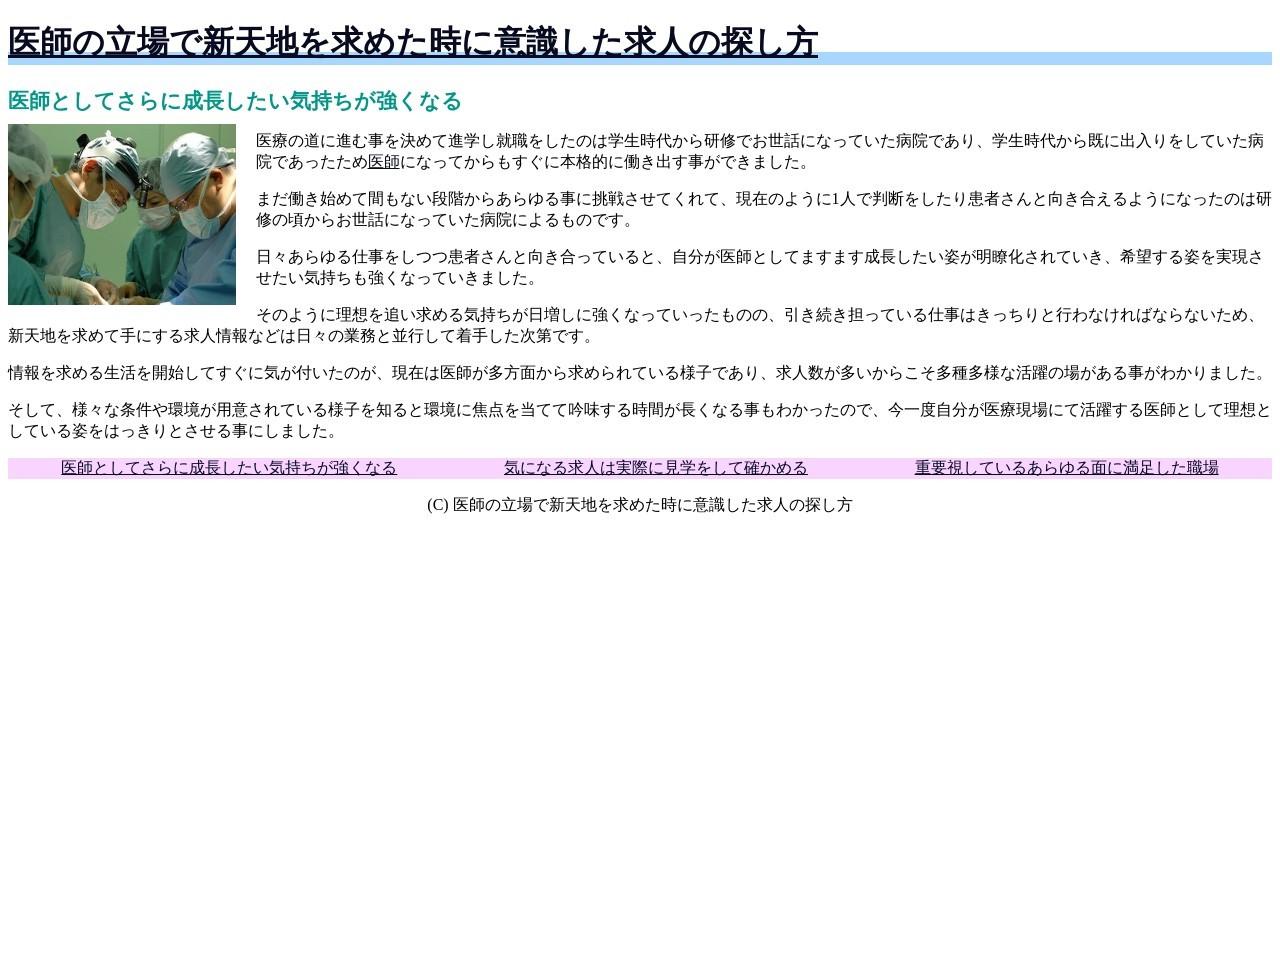 昌美ピアノ教室のサムネイル